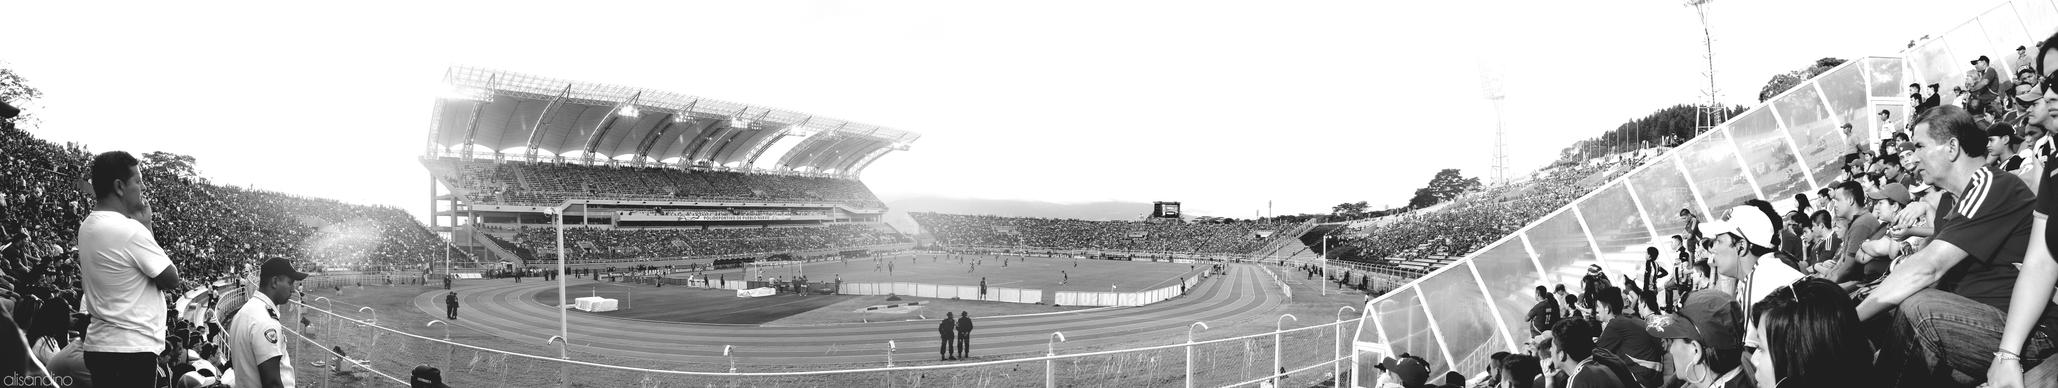 Panoramica Estadio Polideportivo Pueblo Nuevo by ZiriusB